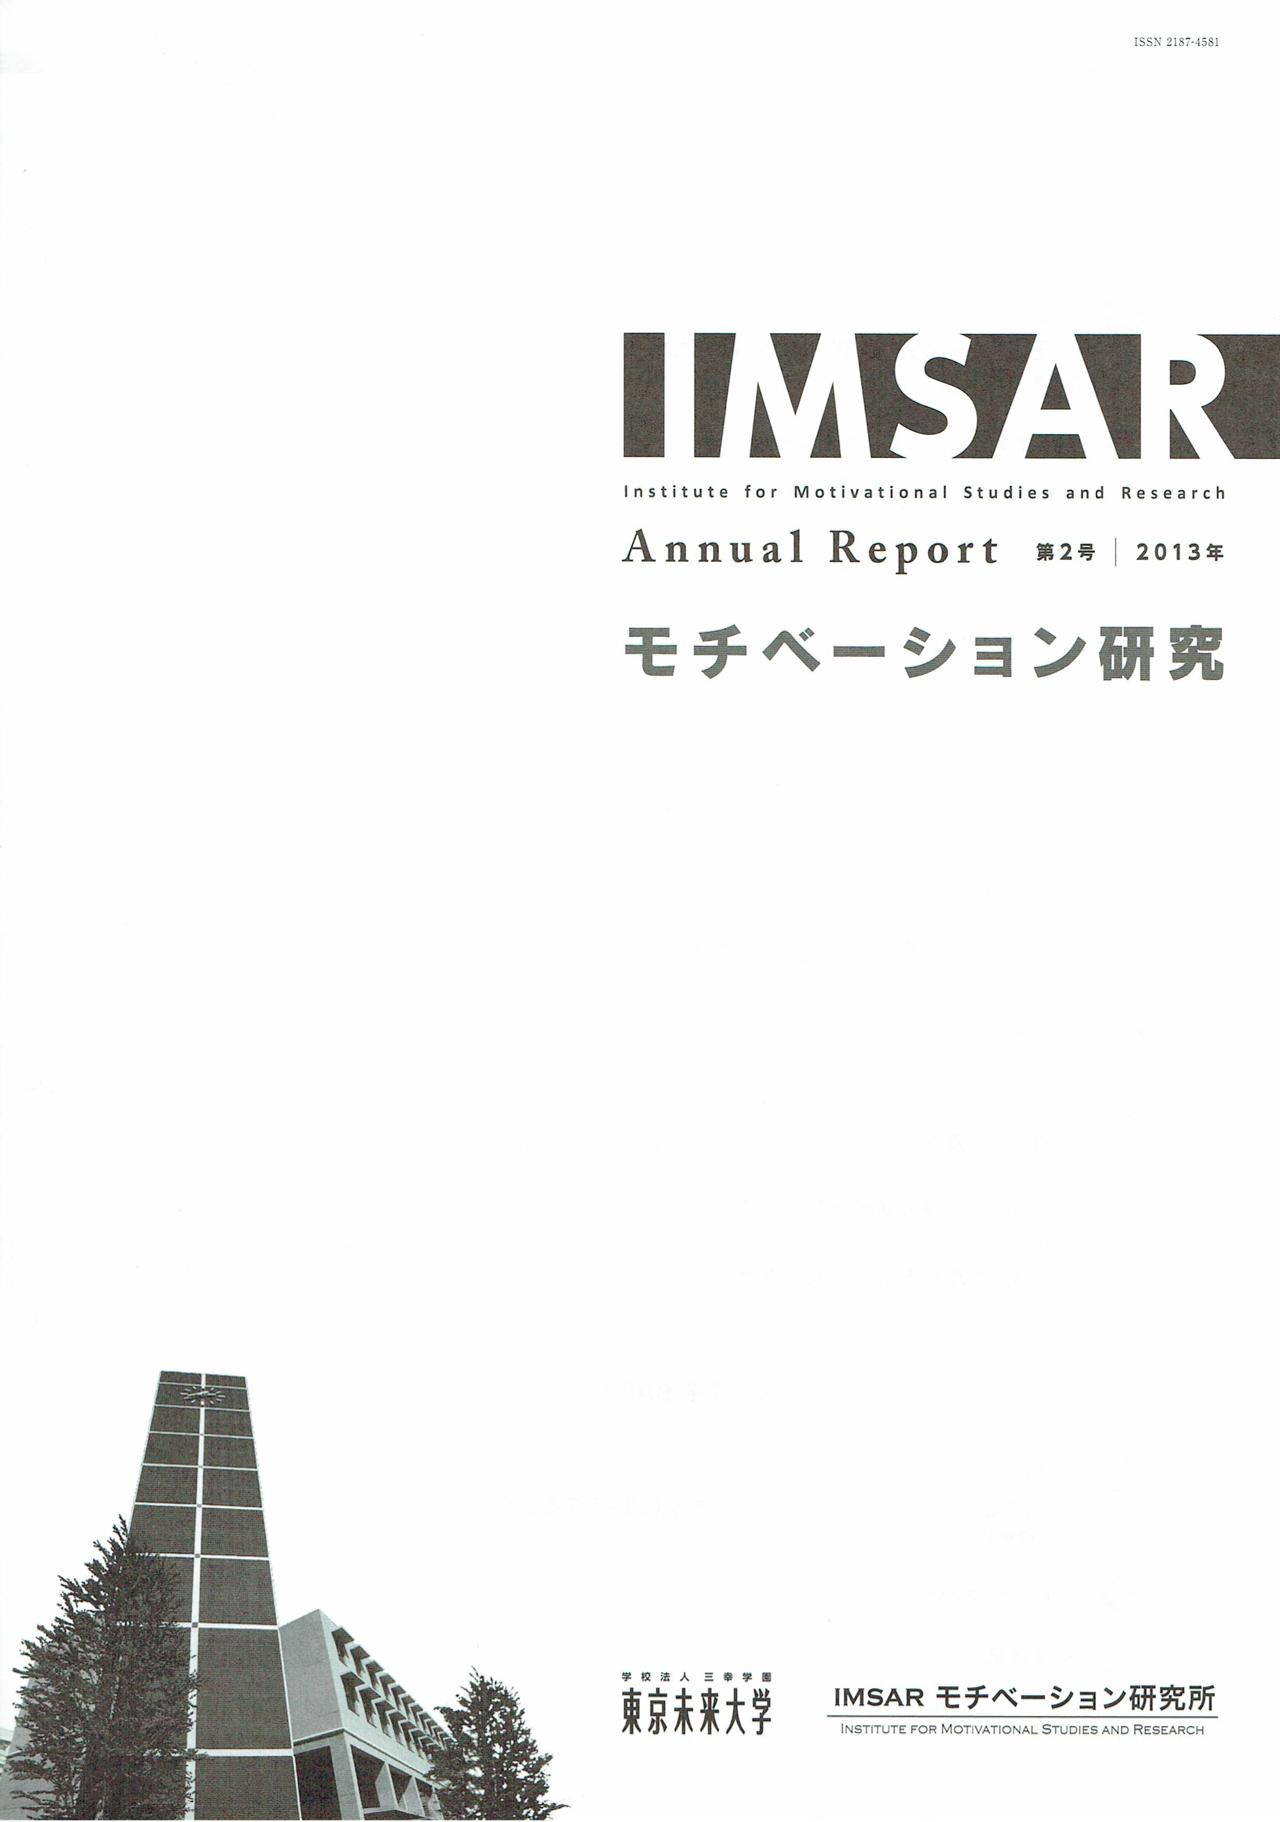 IMSARモチベーション研究所 投稿論文イメージ